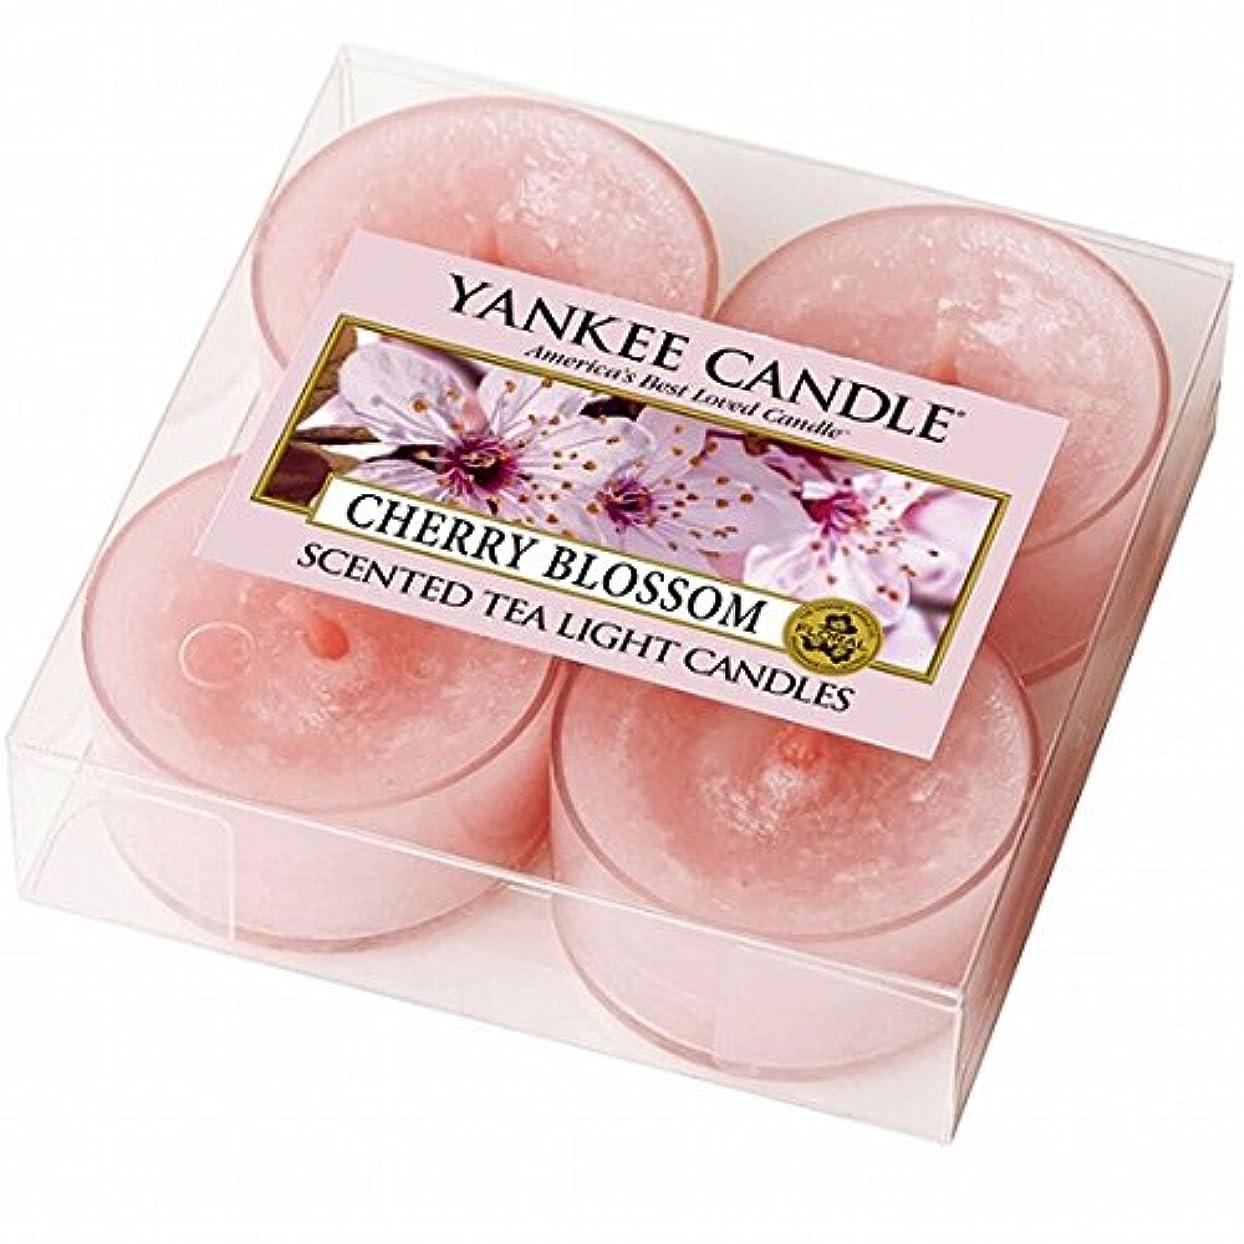 描写ビリー形式YANKEE CANDLE(ヤンキーキャンドル) YANKEE CANDLE クリアカップティーライト4個入り 「チェリーブロッサム」(K0020589)